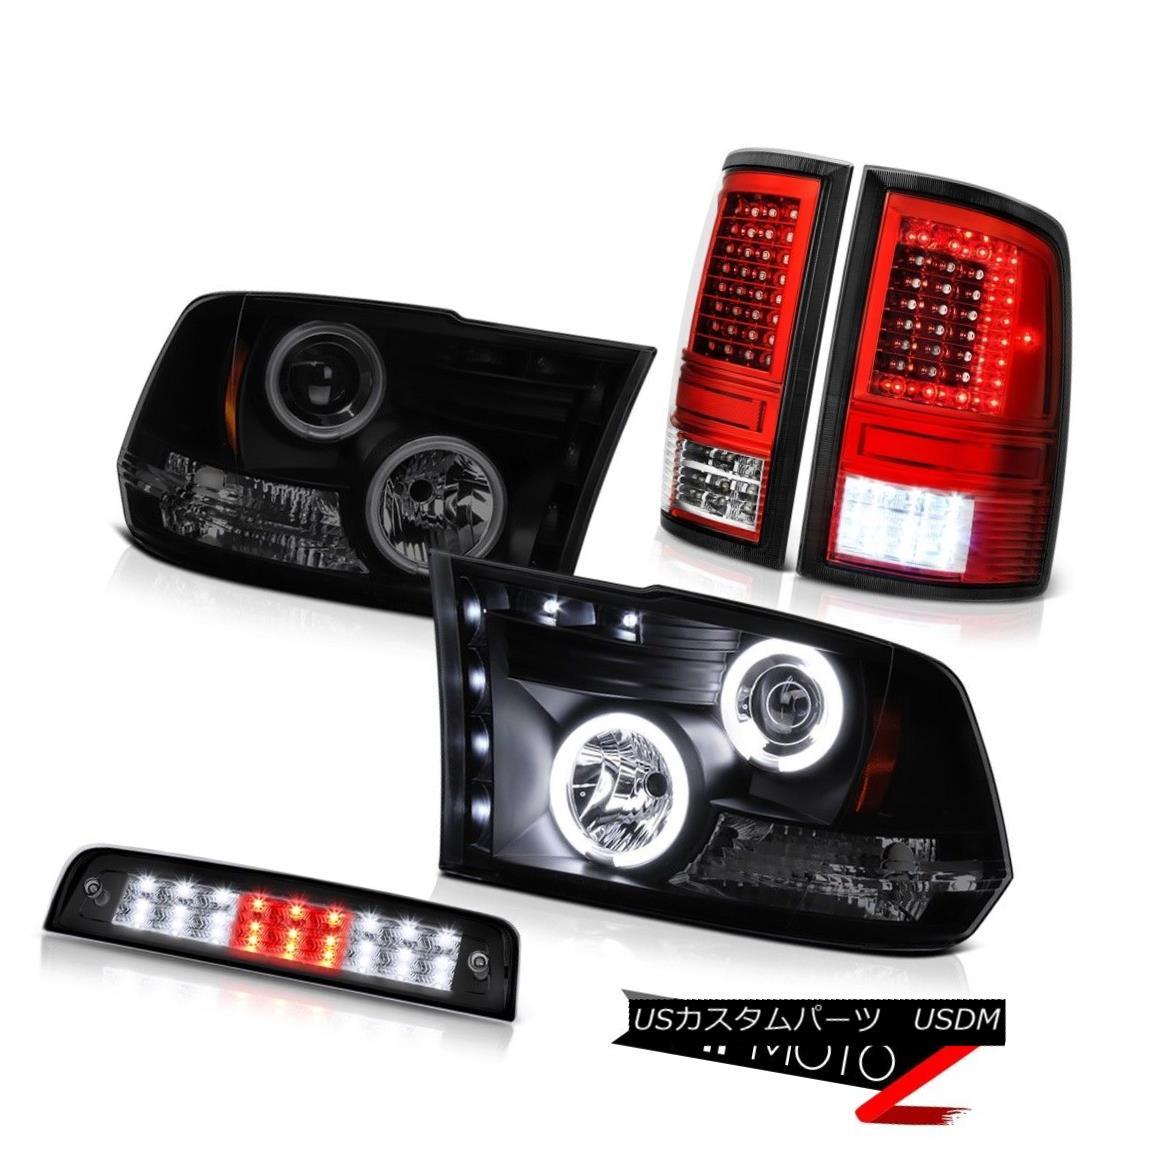 ヘッドライト 09 10 11-18 Dodge RAM 1500 3500 Brake Lights Tail Lamp Sinister Black Head SET 09 10 11-18 Dodge RAM 1500 3500ブレーキライトテールランプブラックヘッドセット